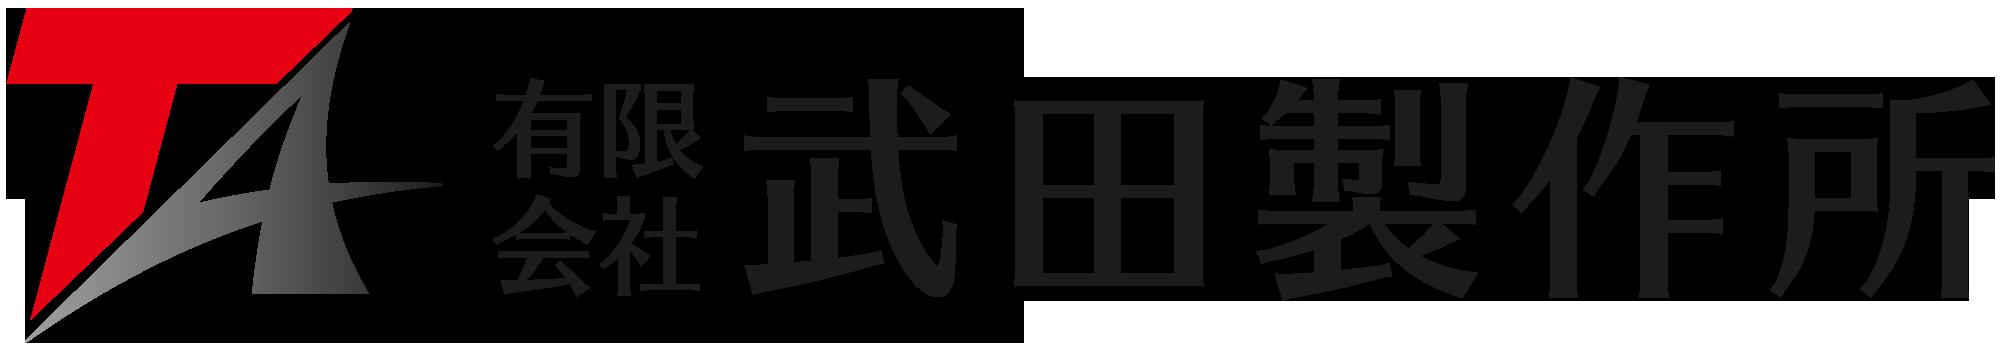 製造/メーカーとシンプルと黒のロゴ